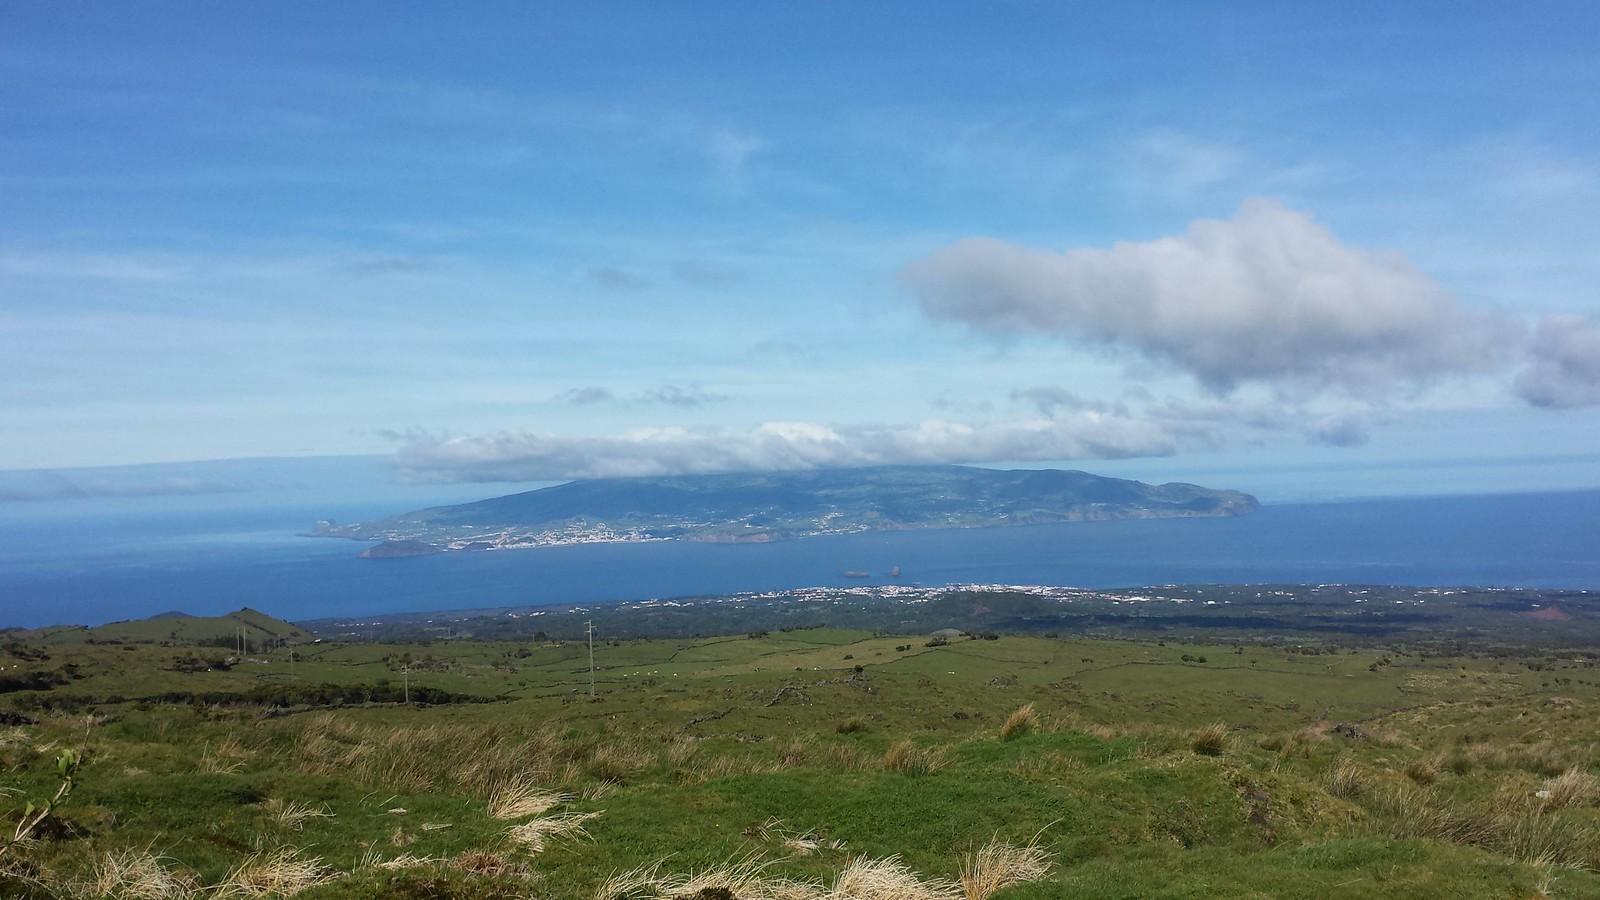 Towards Faial Island